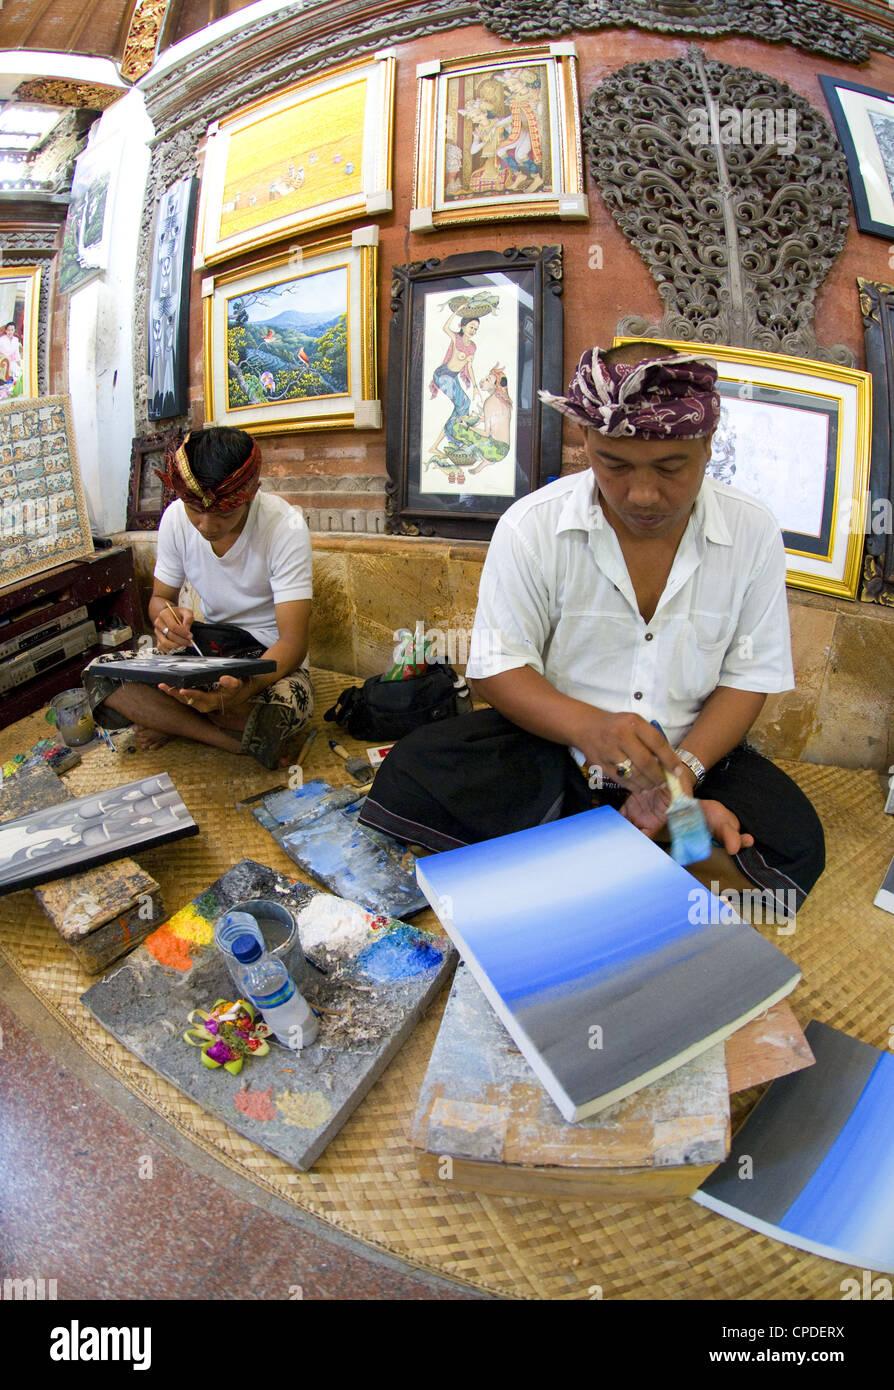 Balinese artists, Ubud, Bali, Indonesia. - Stock Image